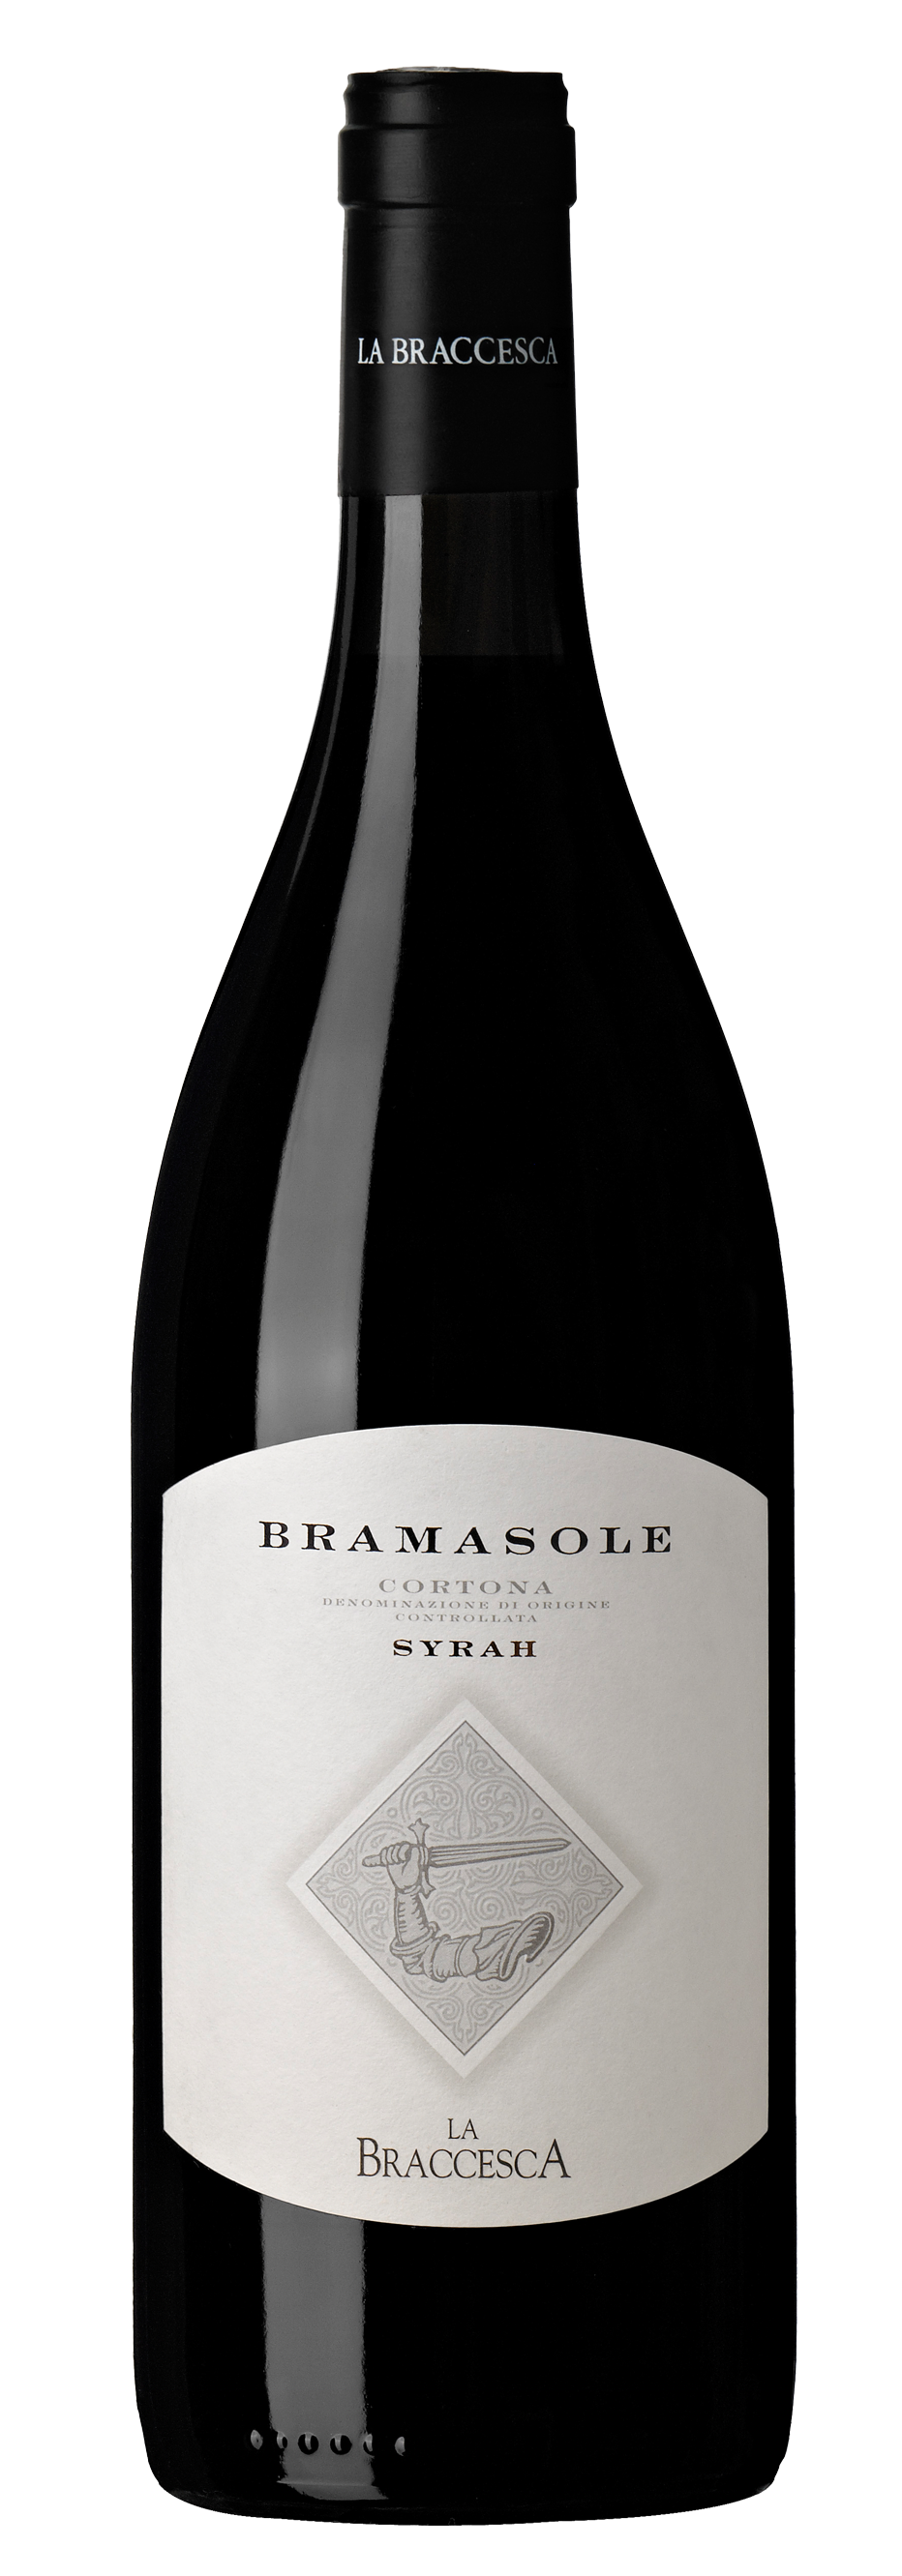 Bramasole 2015